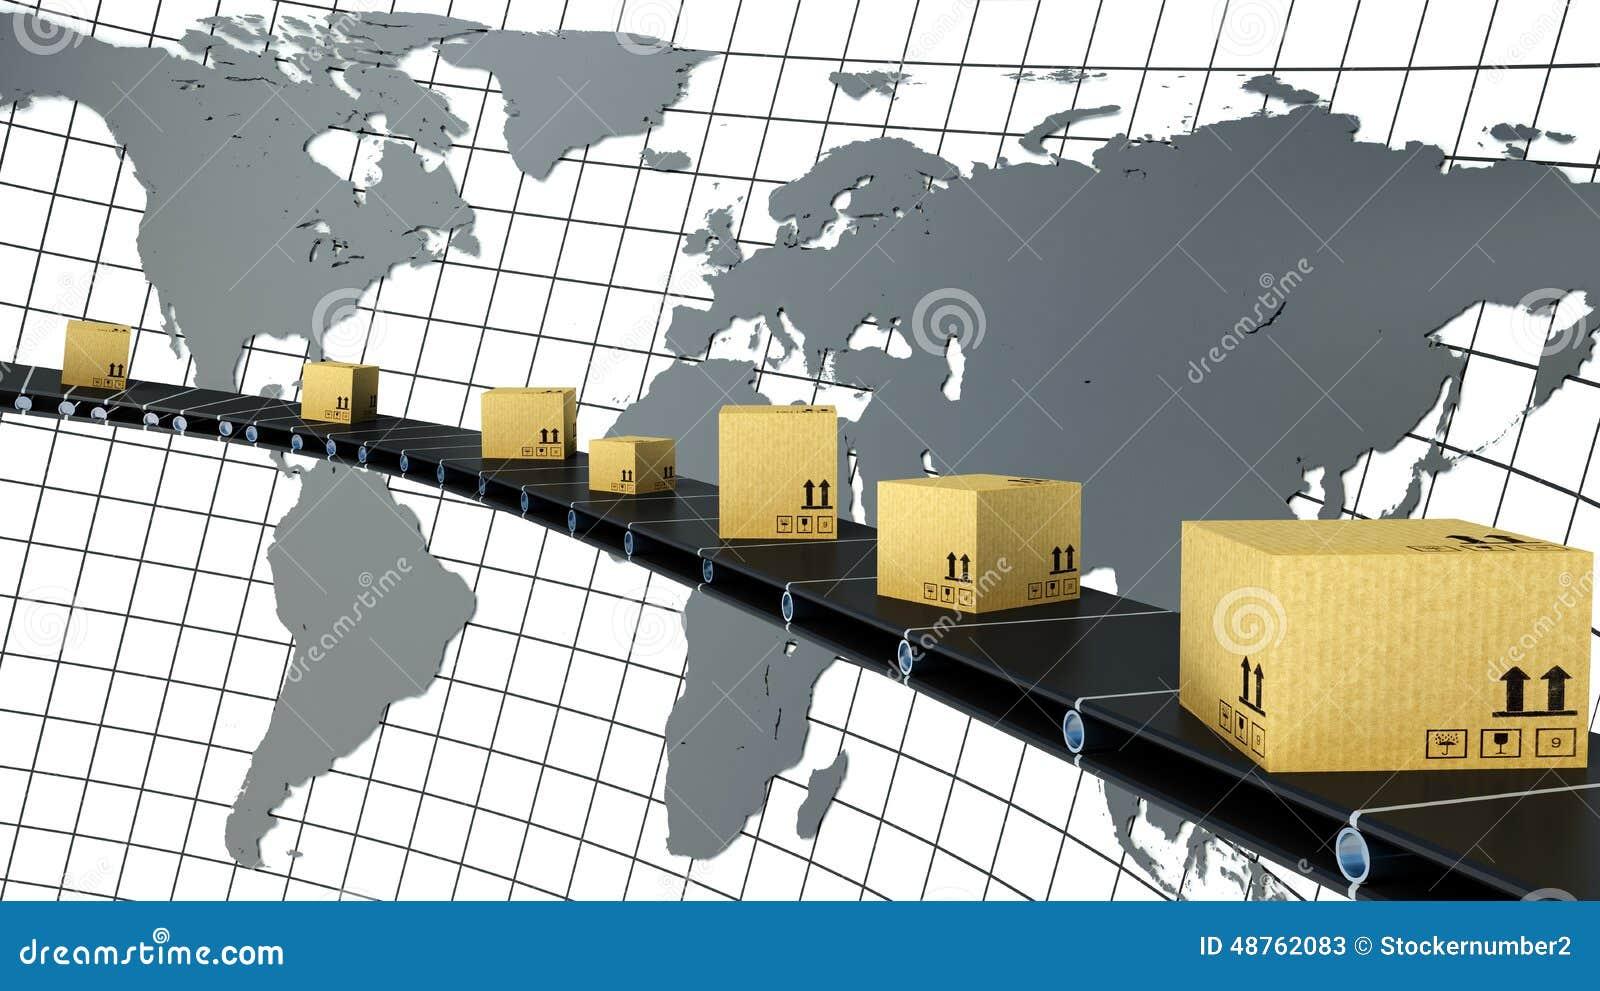 De kartondozen worden geleverd over de hele wereld op de transportband